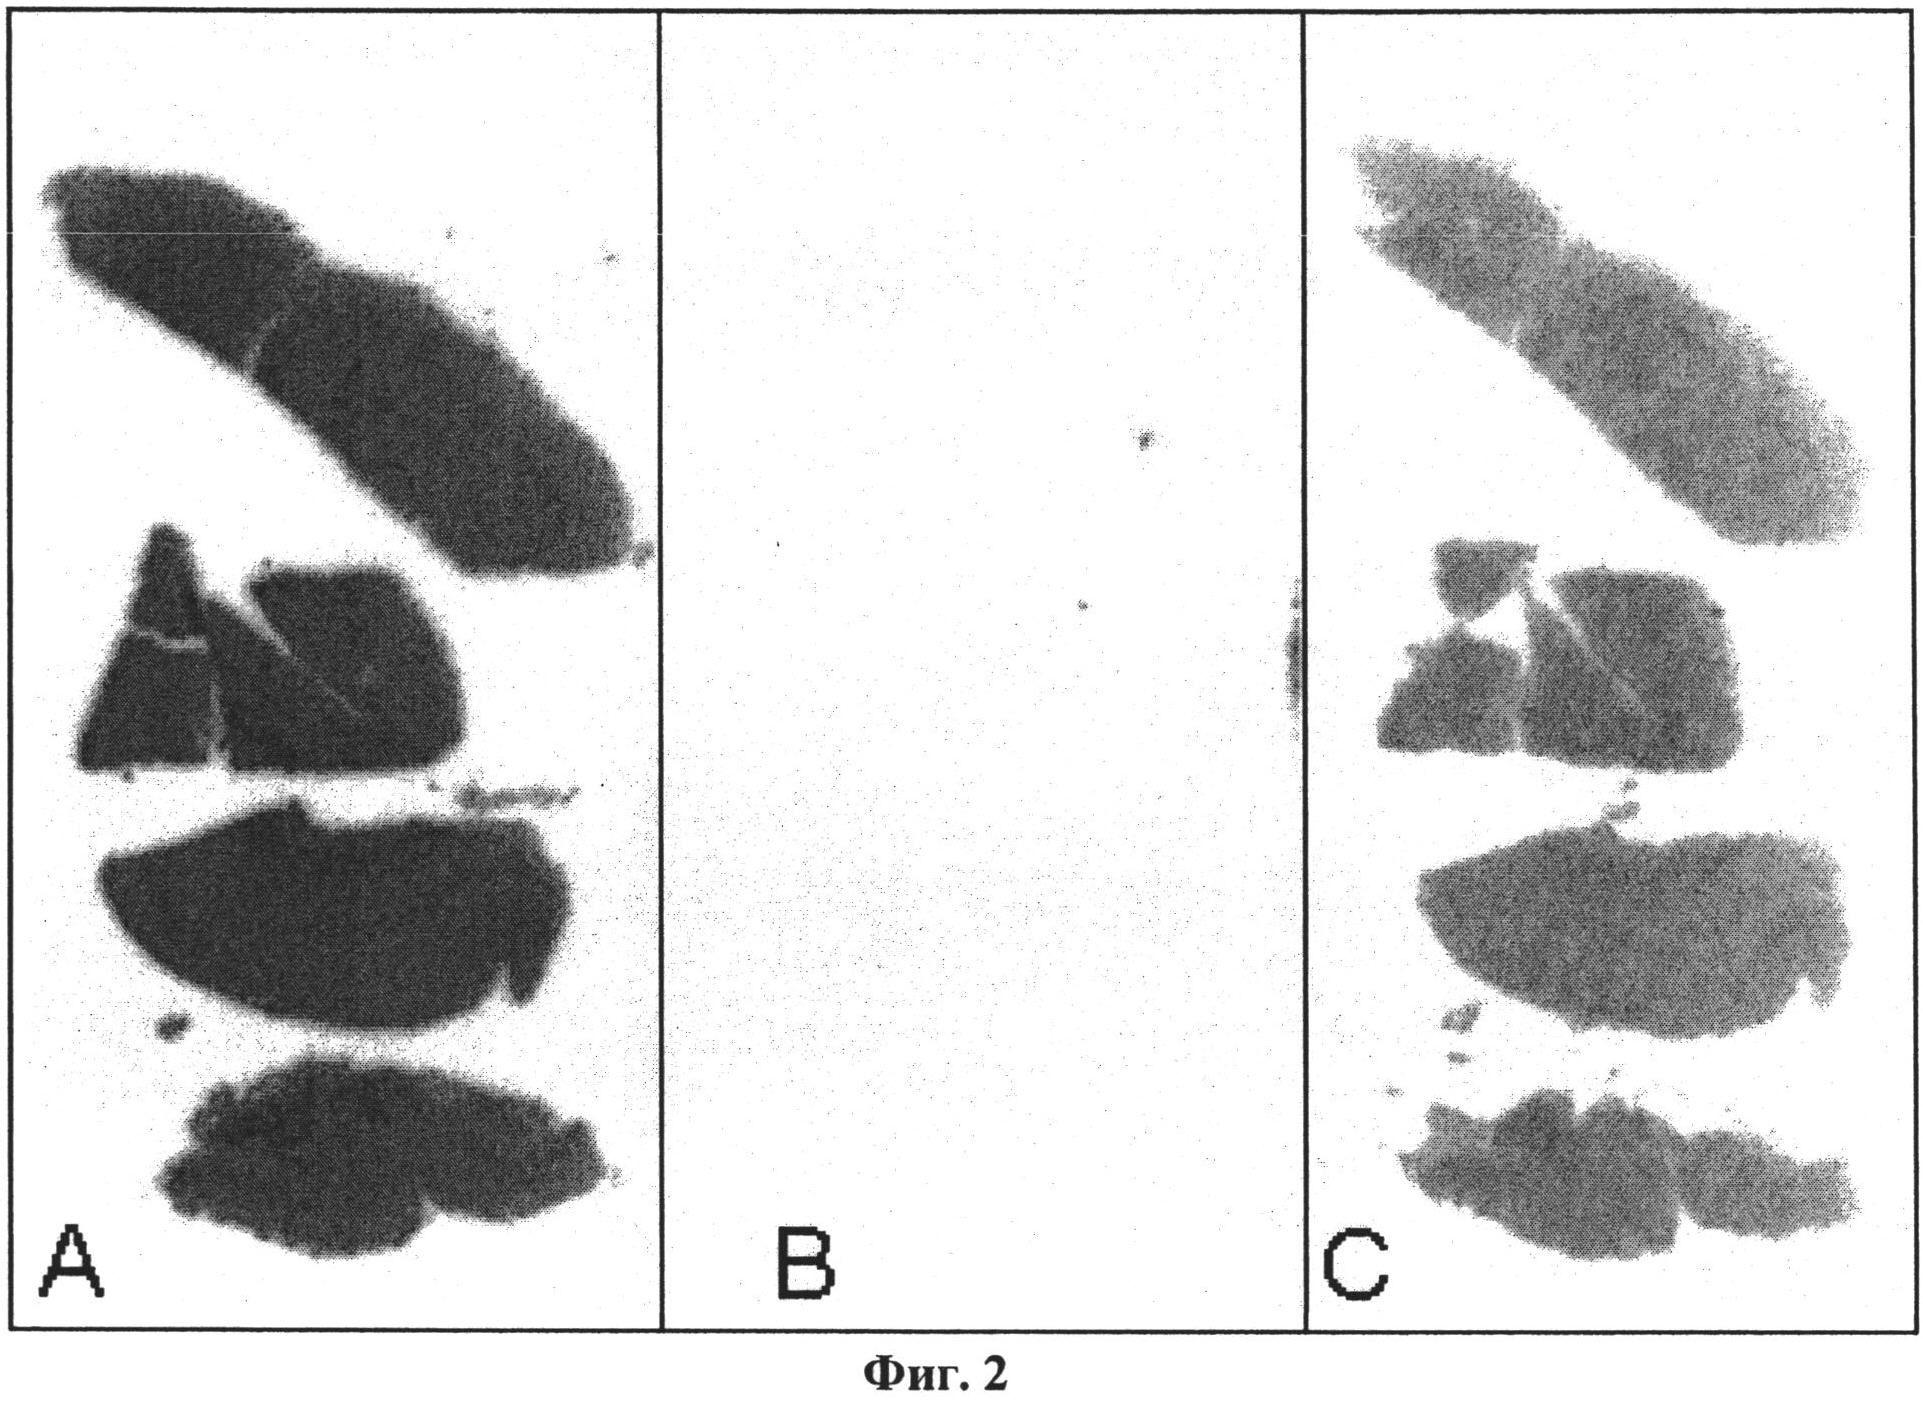 Соединения для применения в визуализации, диагностике и/или лечении заболеваний центральной нервной системы или опухолей